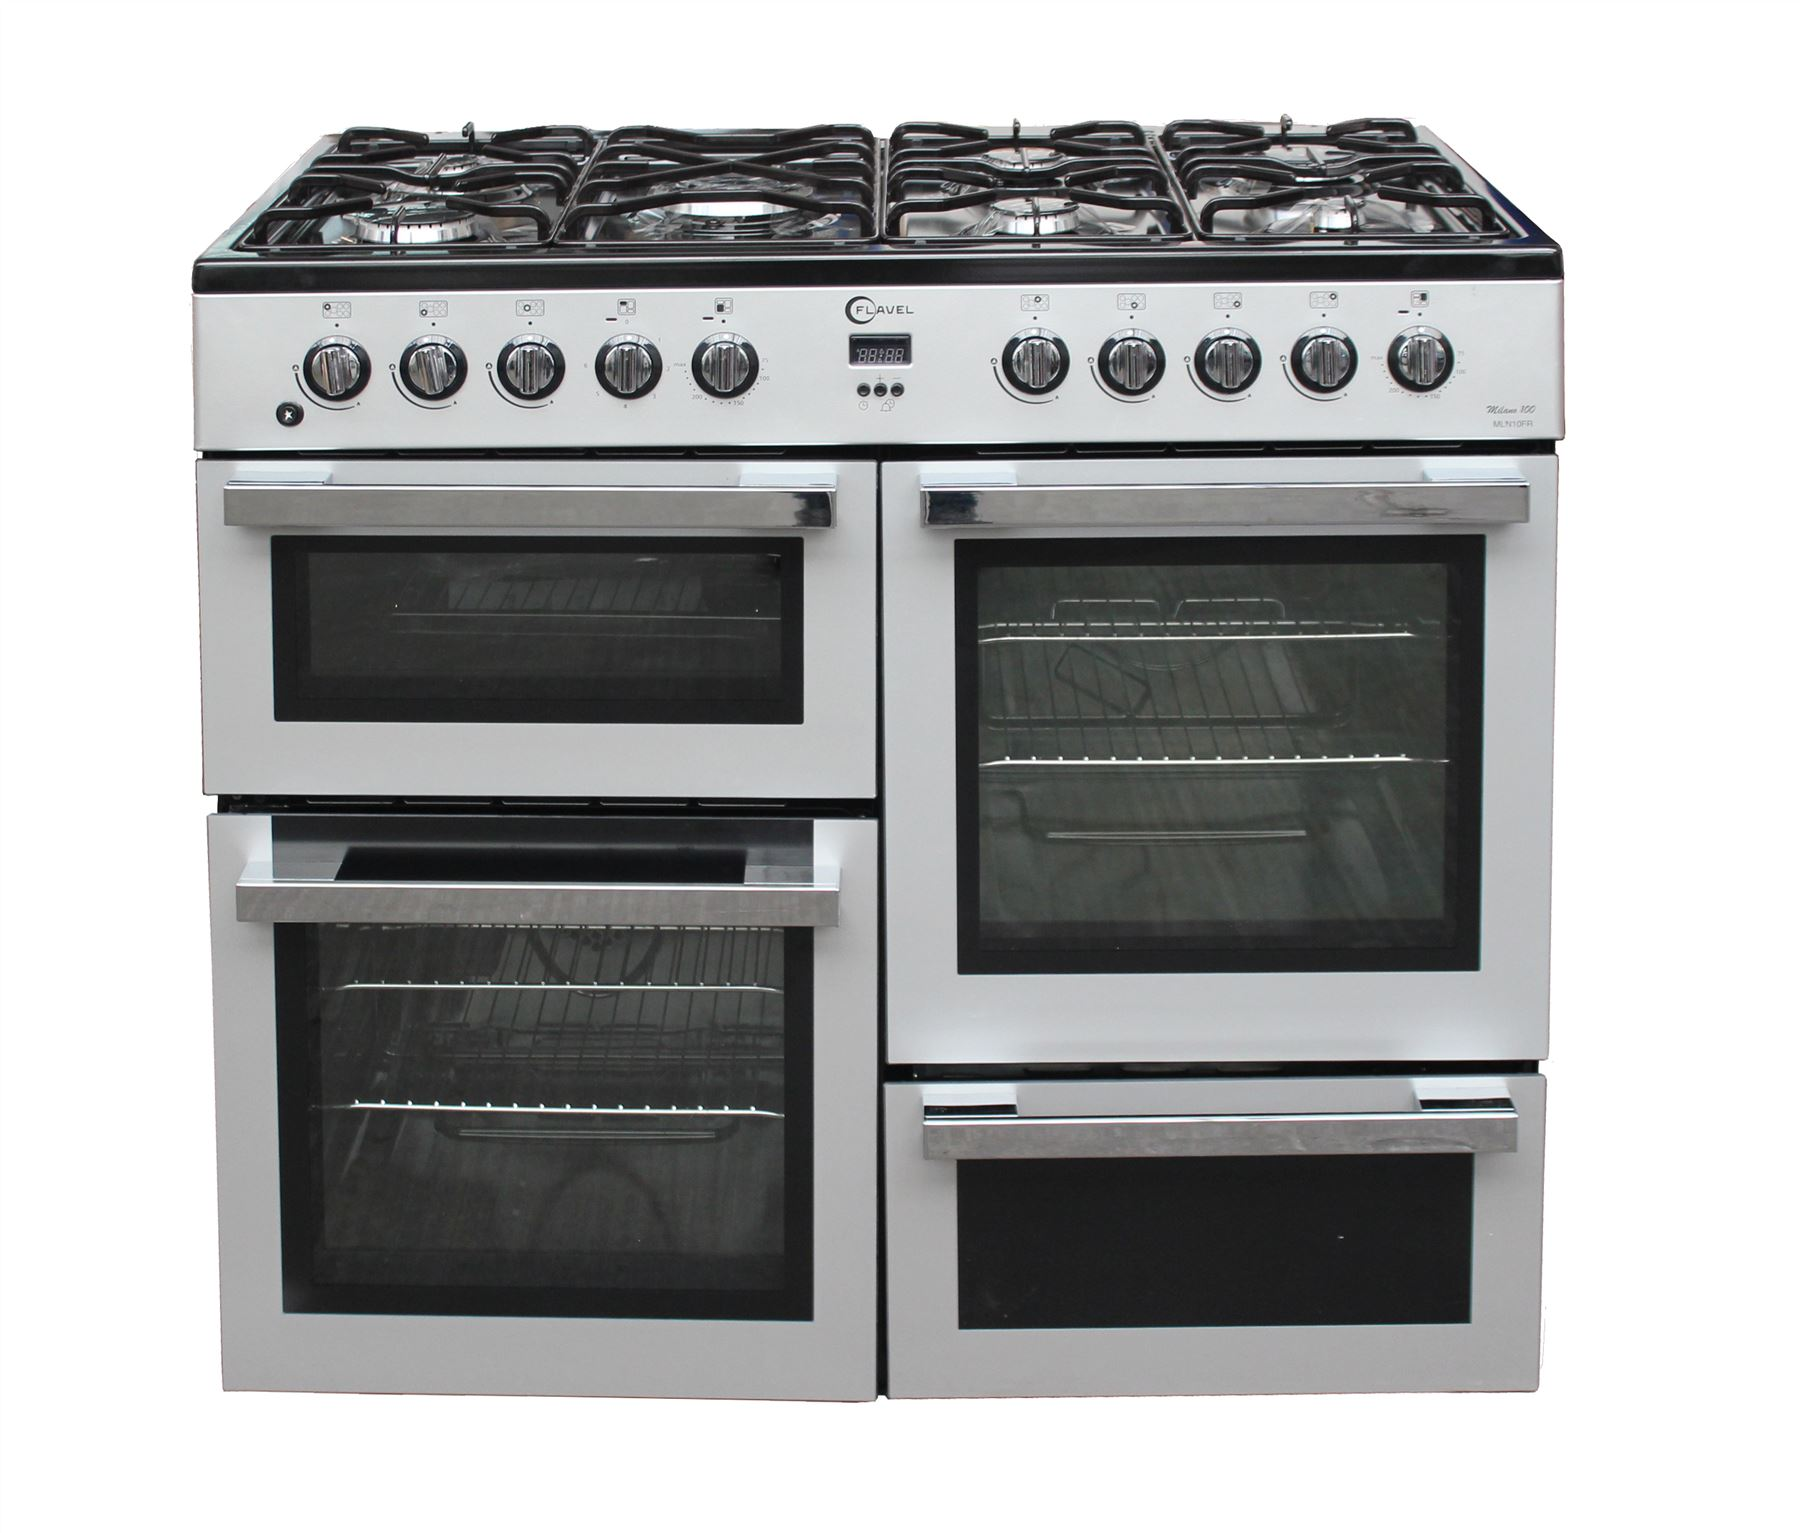 Double Double 100cm : Flavel cm range cooker dual fuel mln frs burner